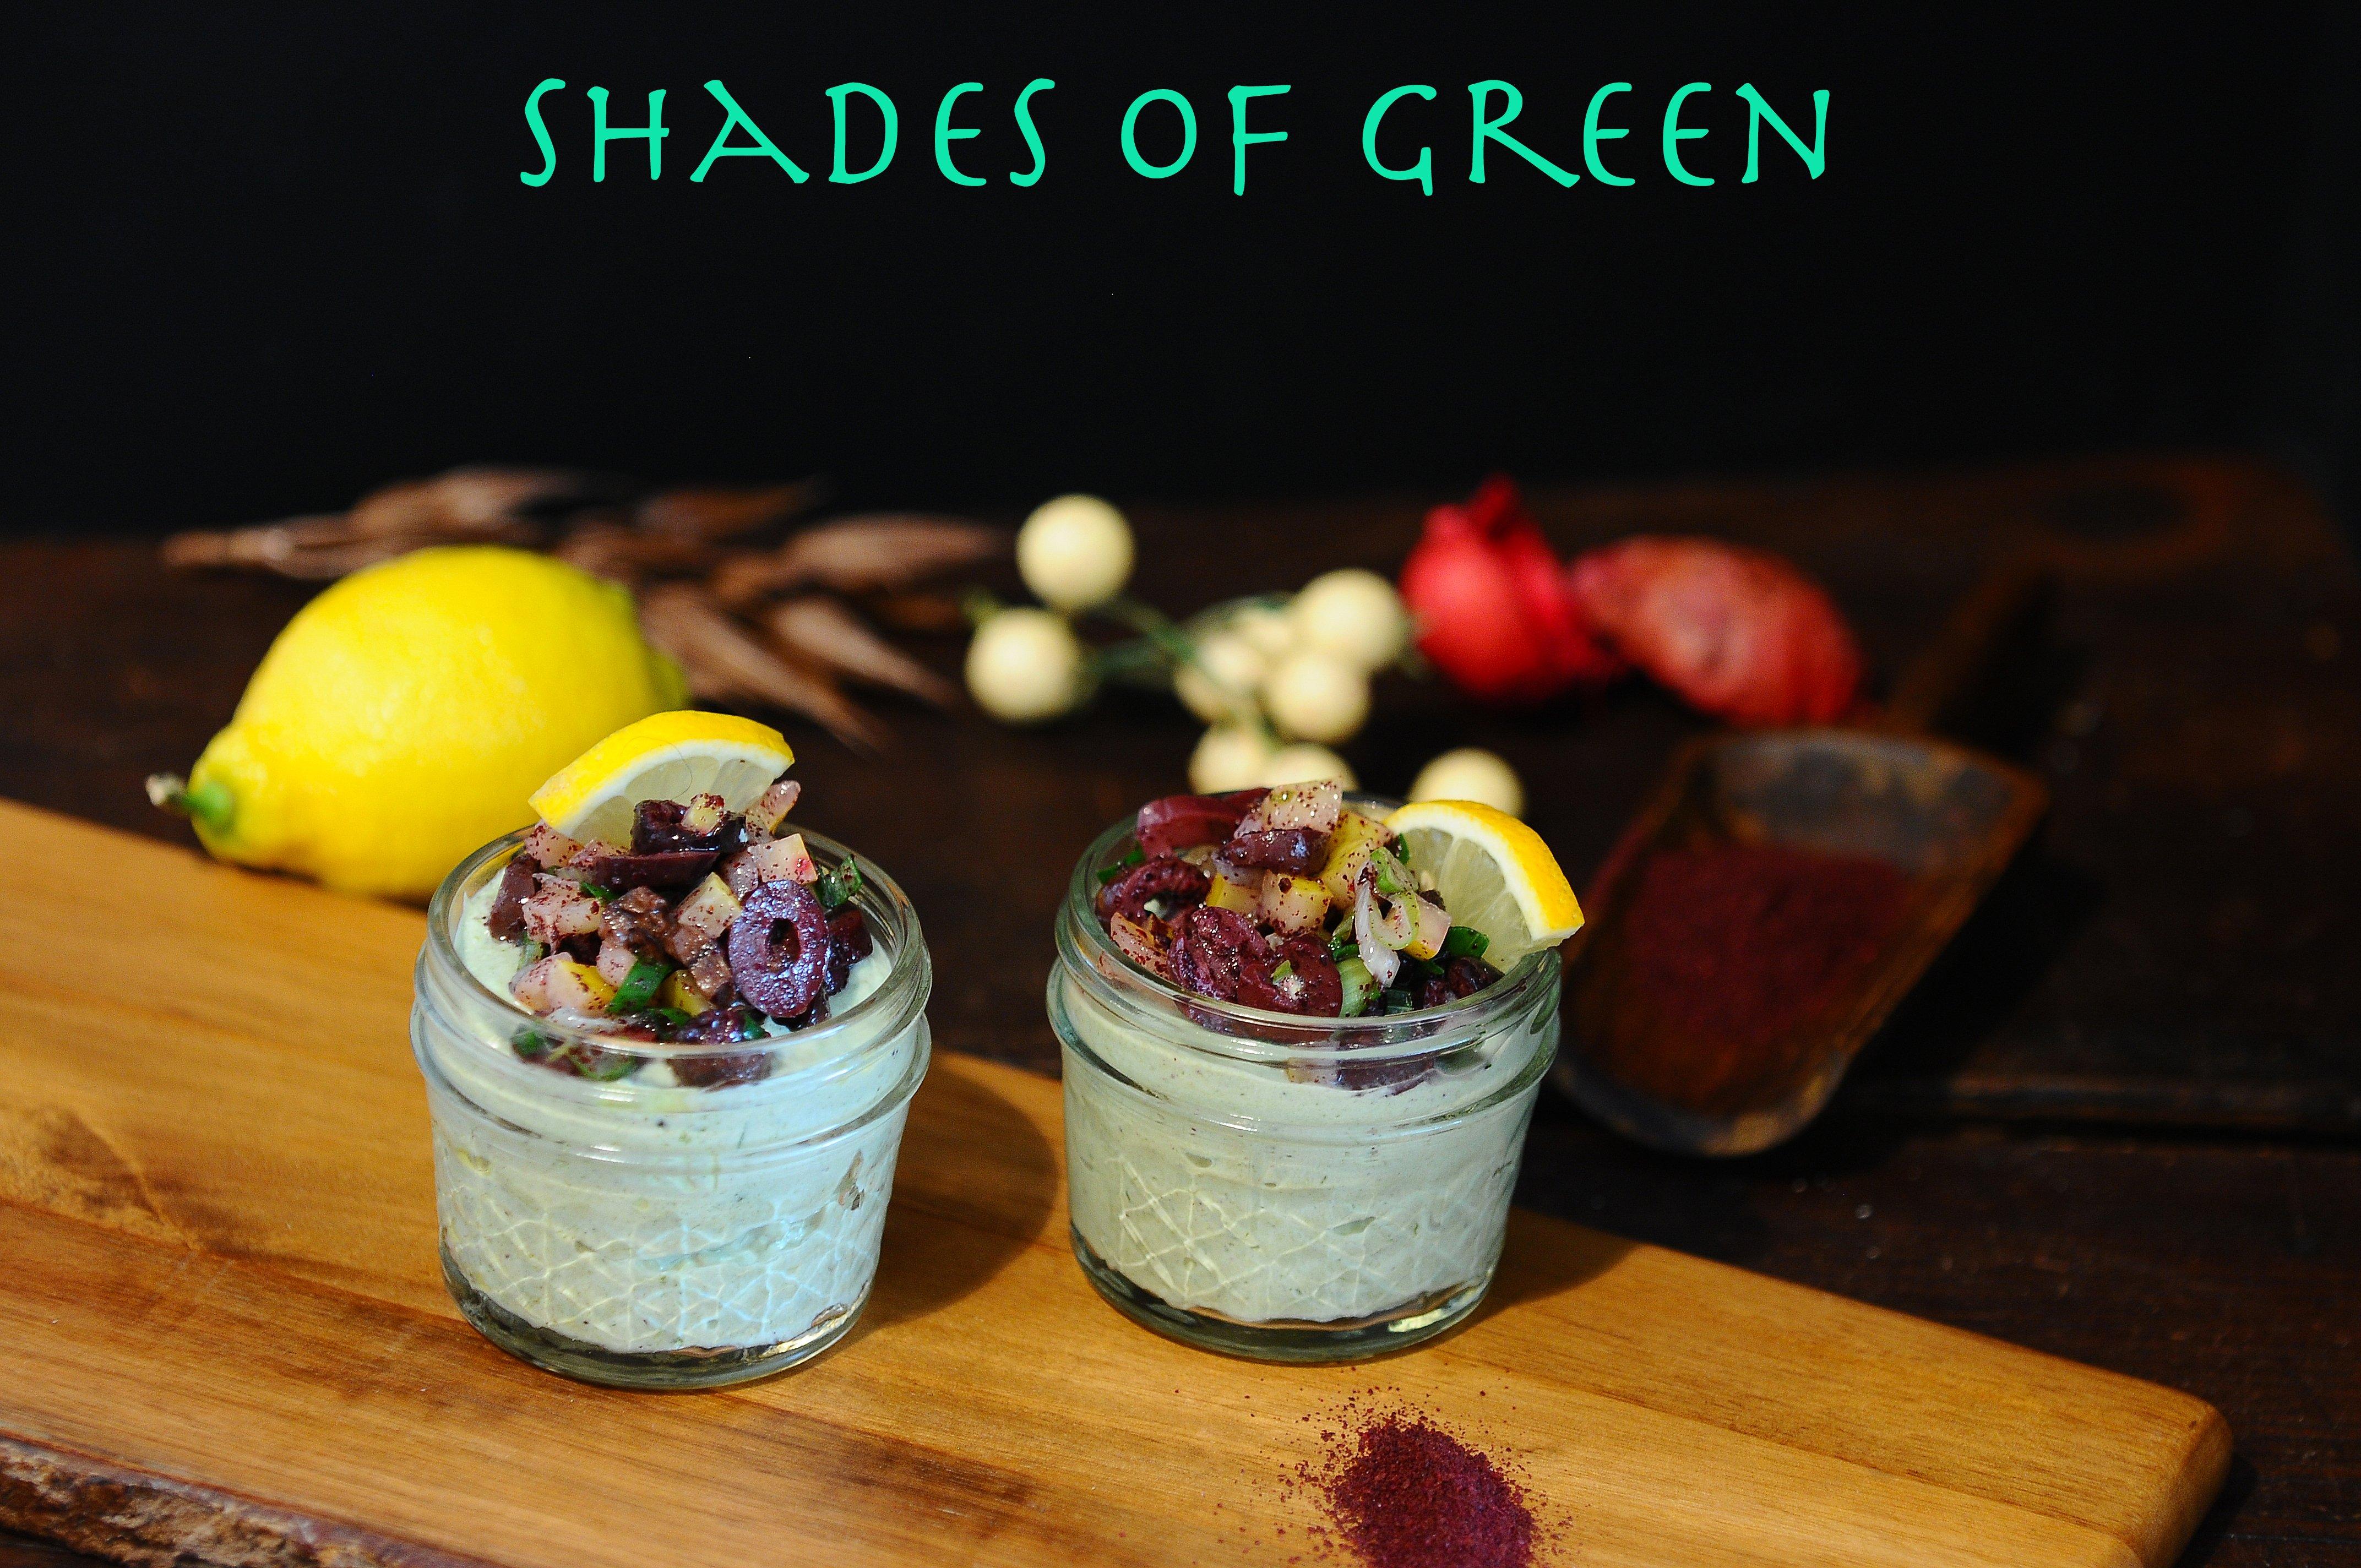 Yogurt, Kale, Preserved Lemon, Sumac and Kalamata Olives.